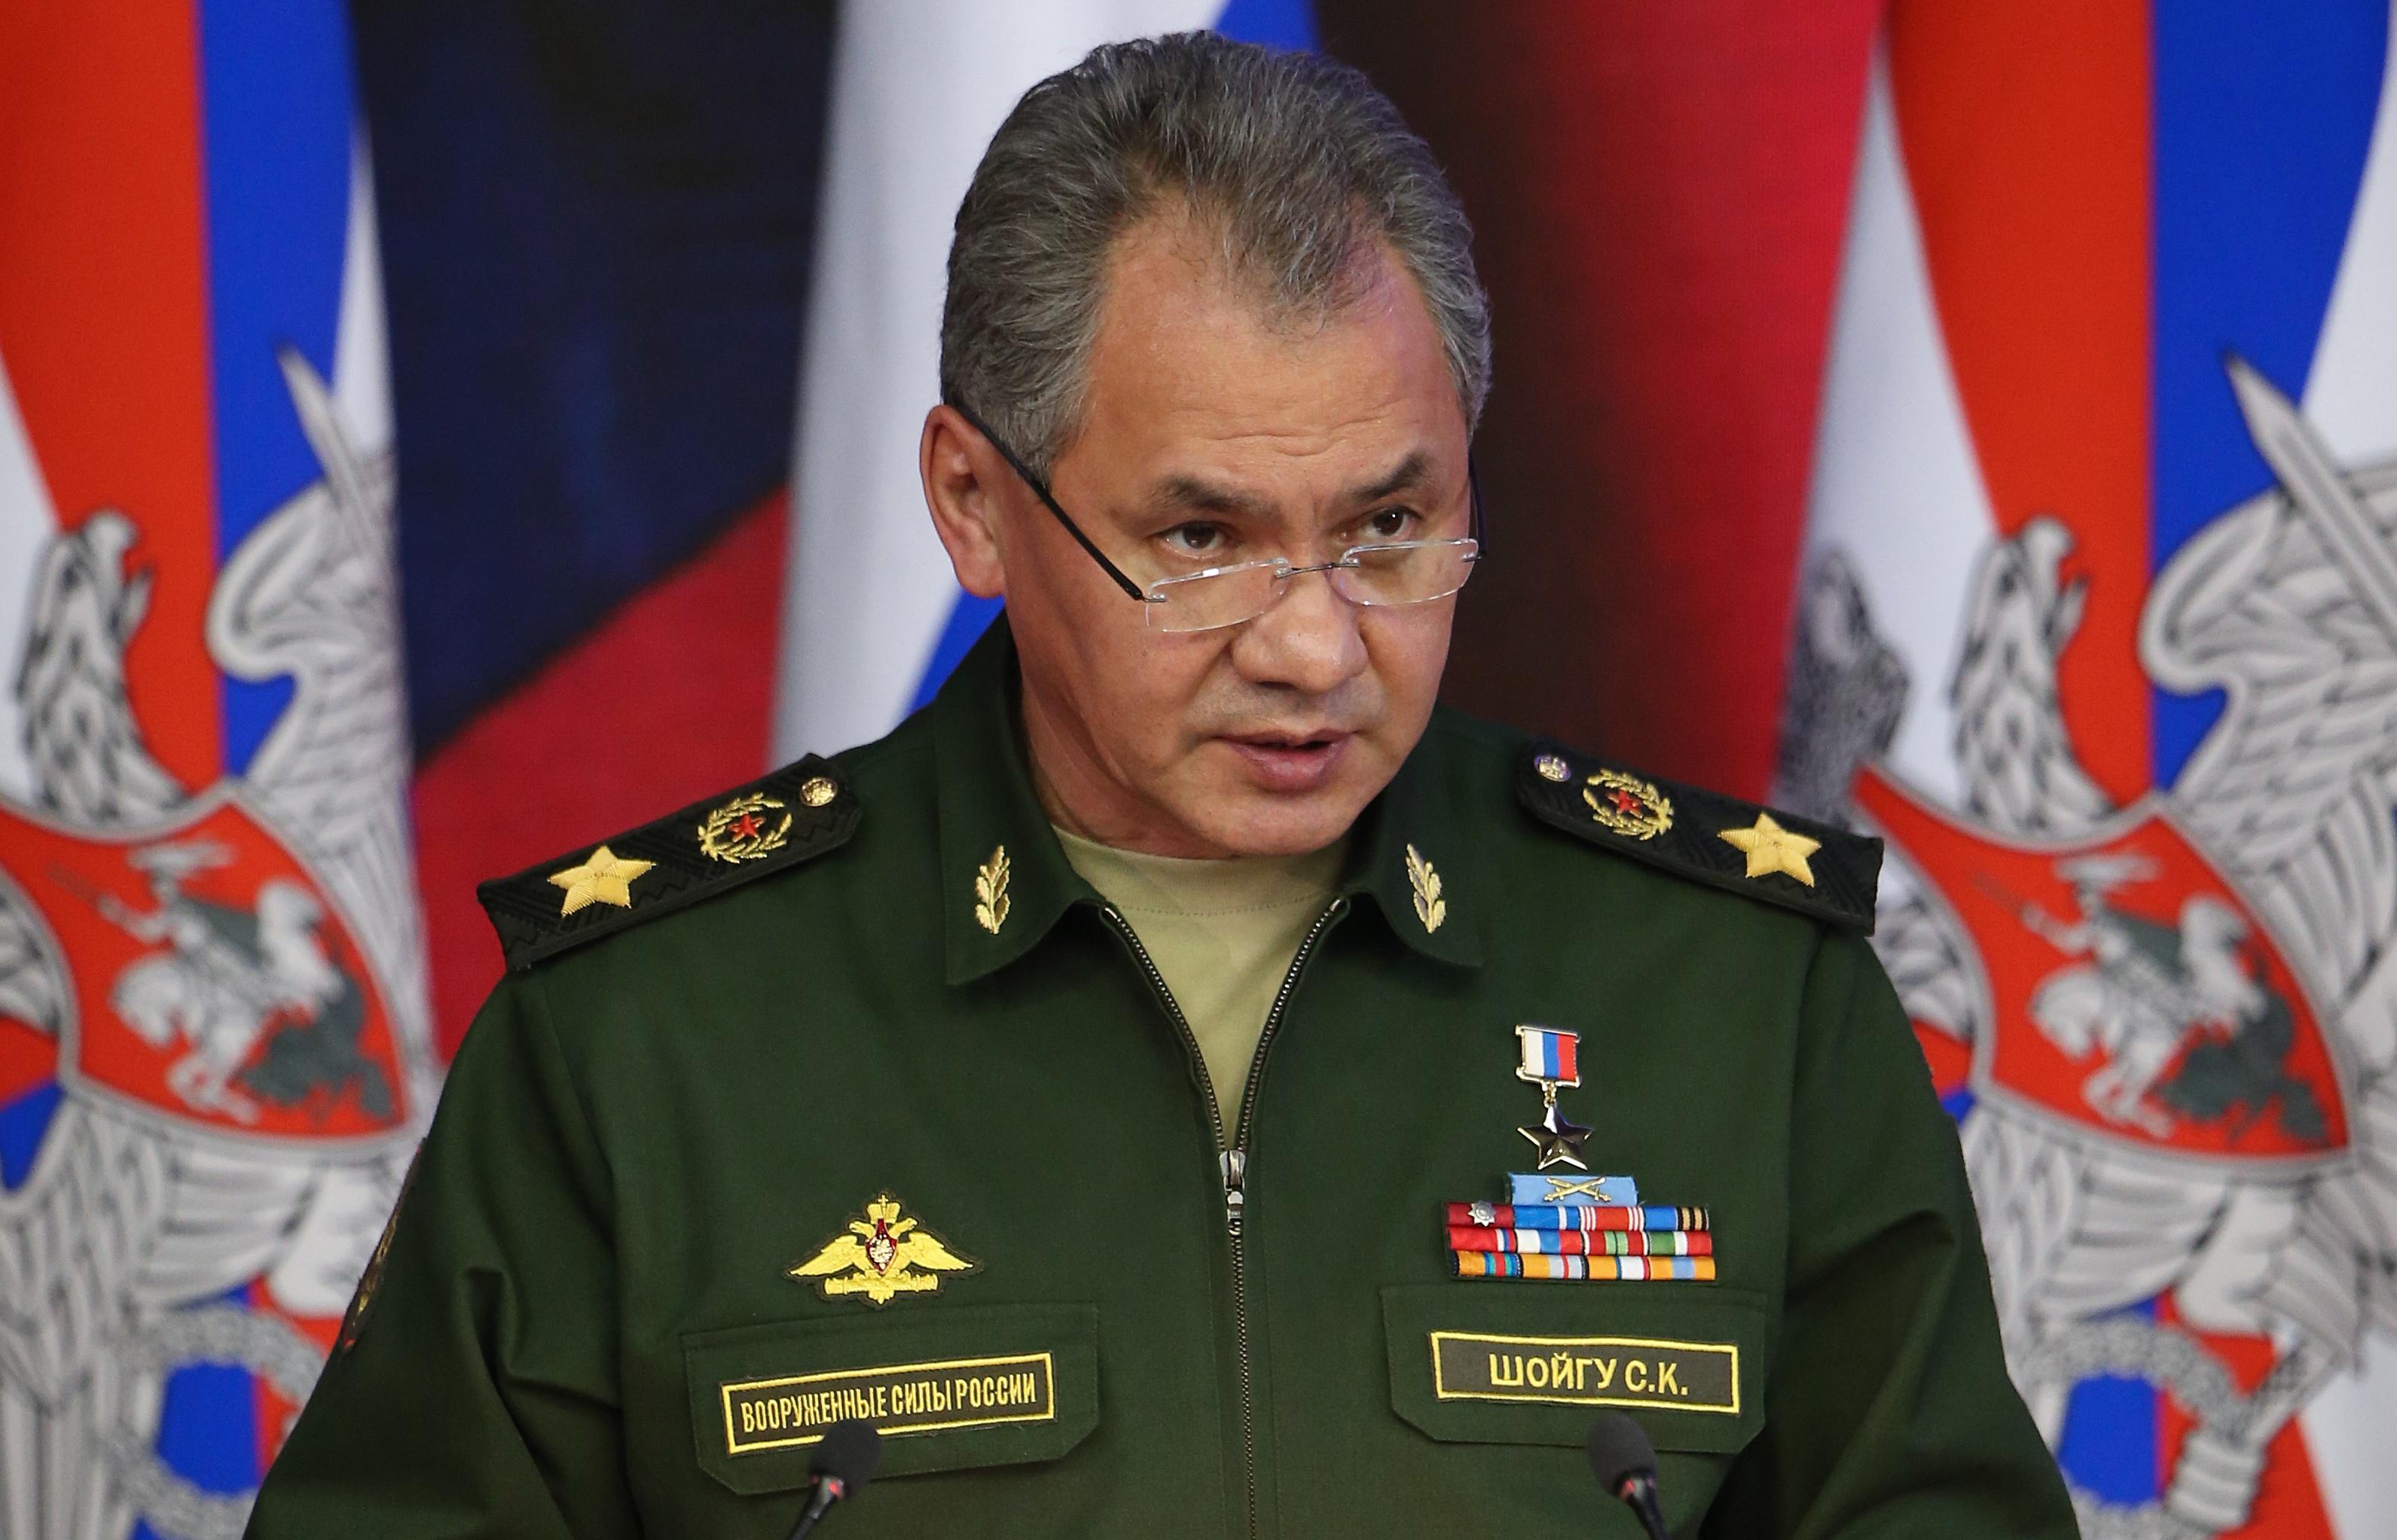 В России объявлена внезапная проверка боеготовности Вооруженных сил